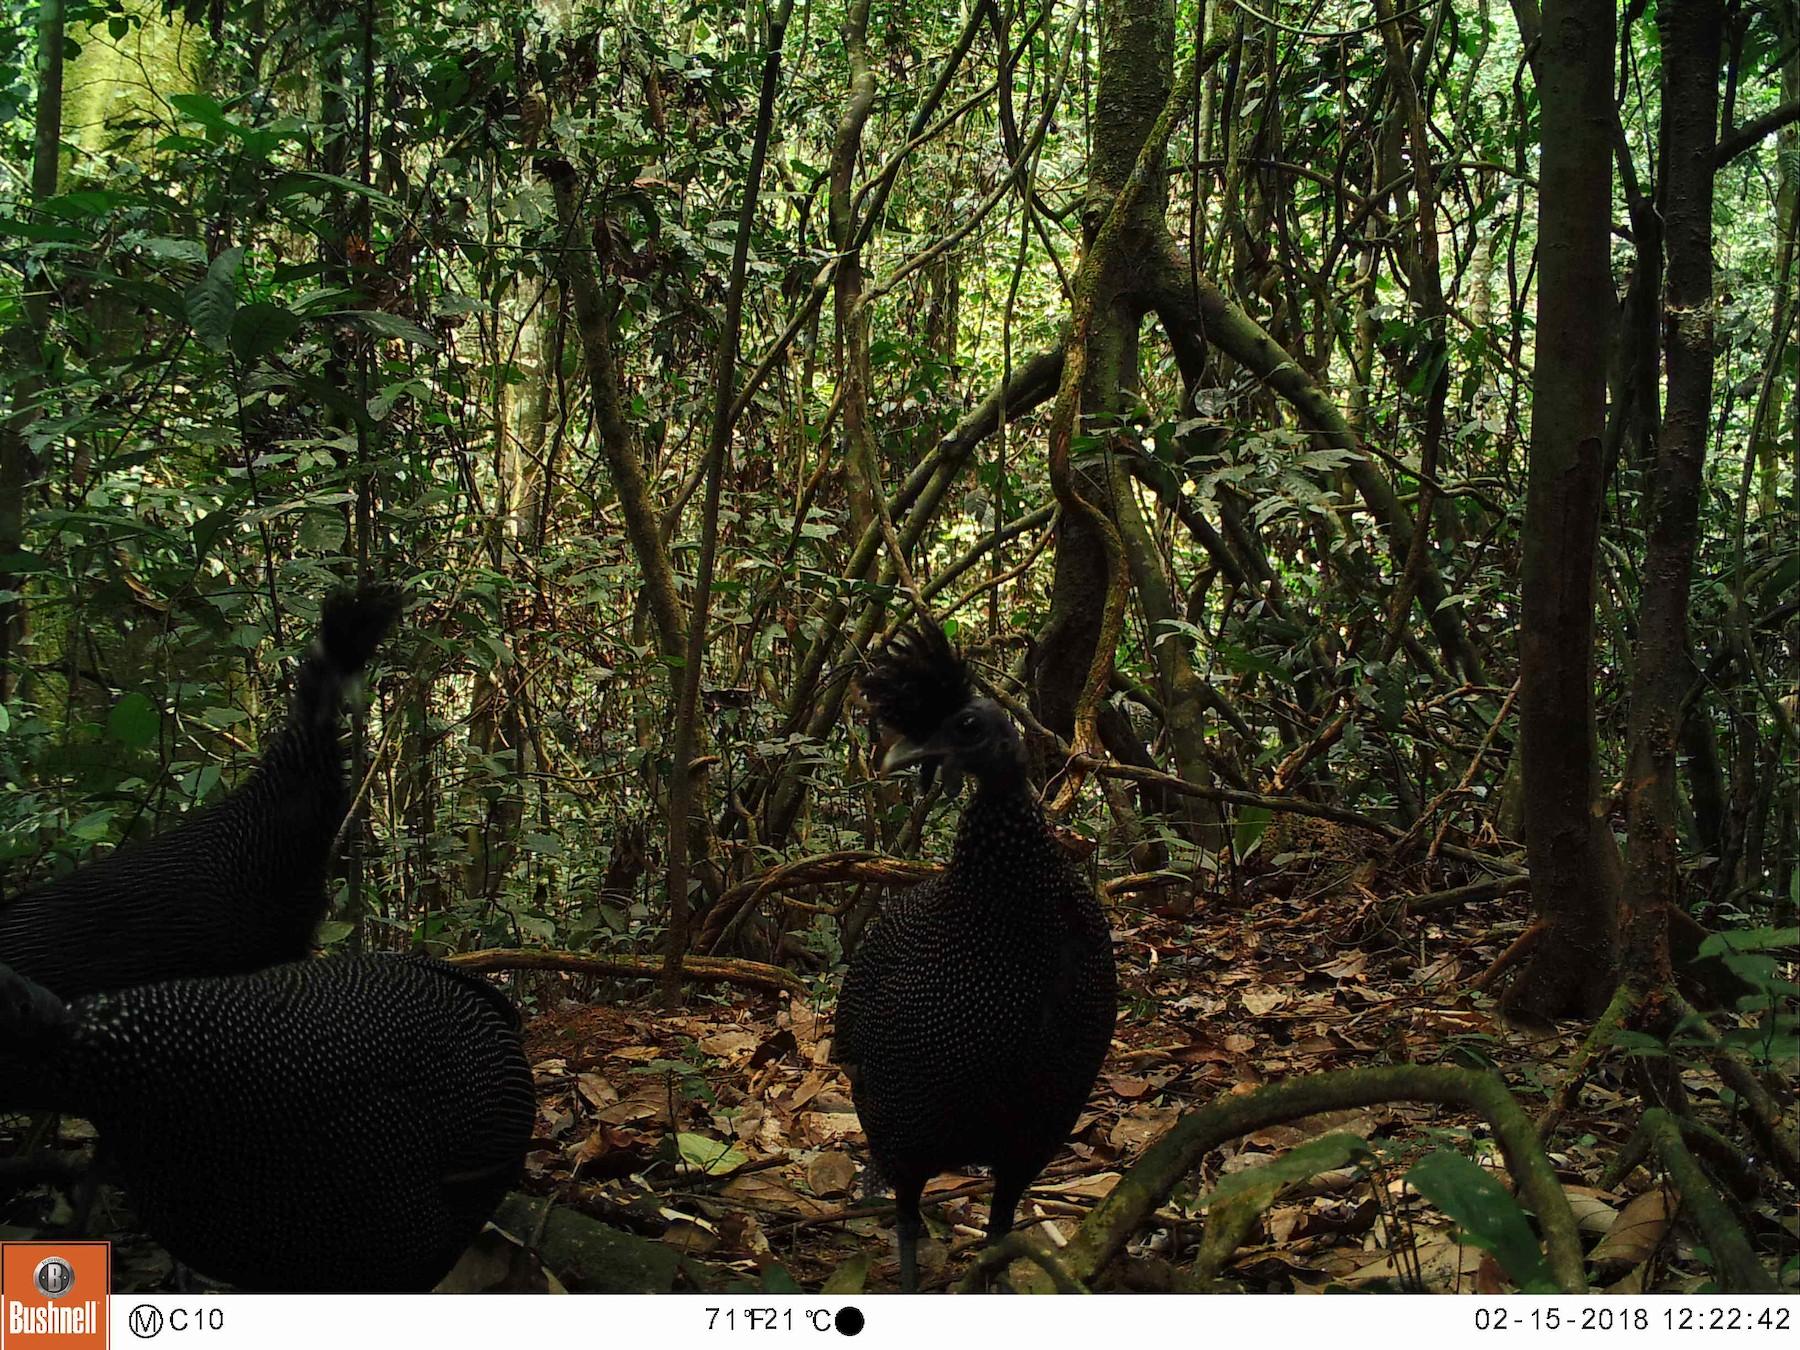 Plumed Guineafowl - Selvino de Kort